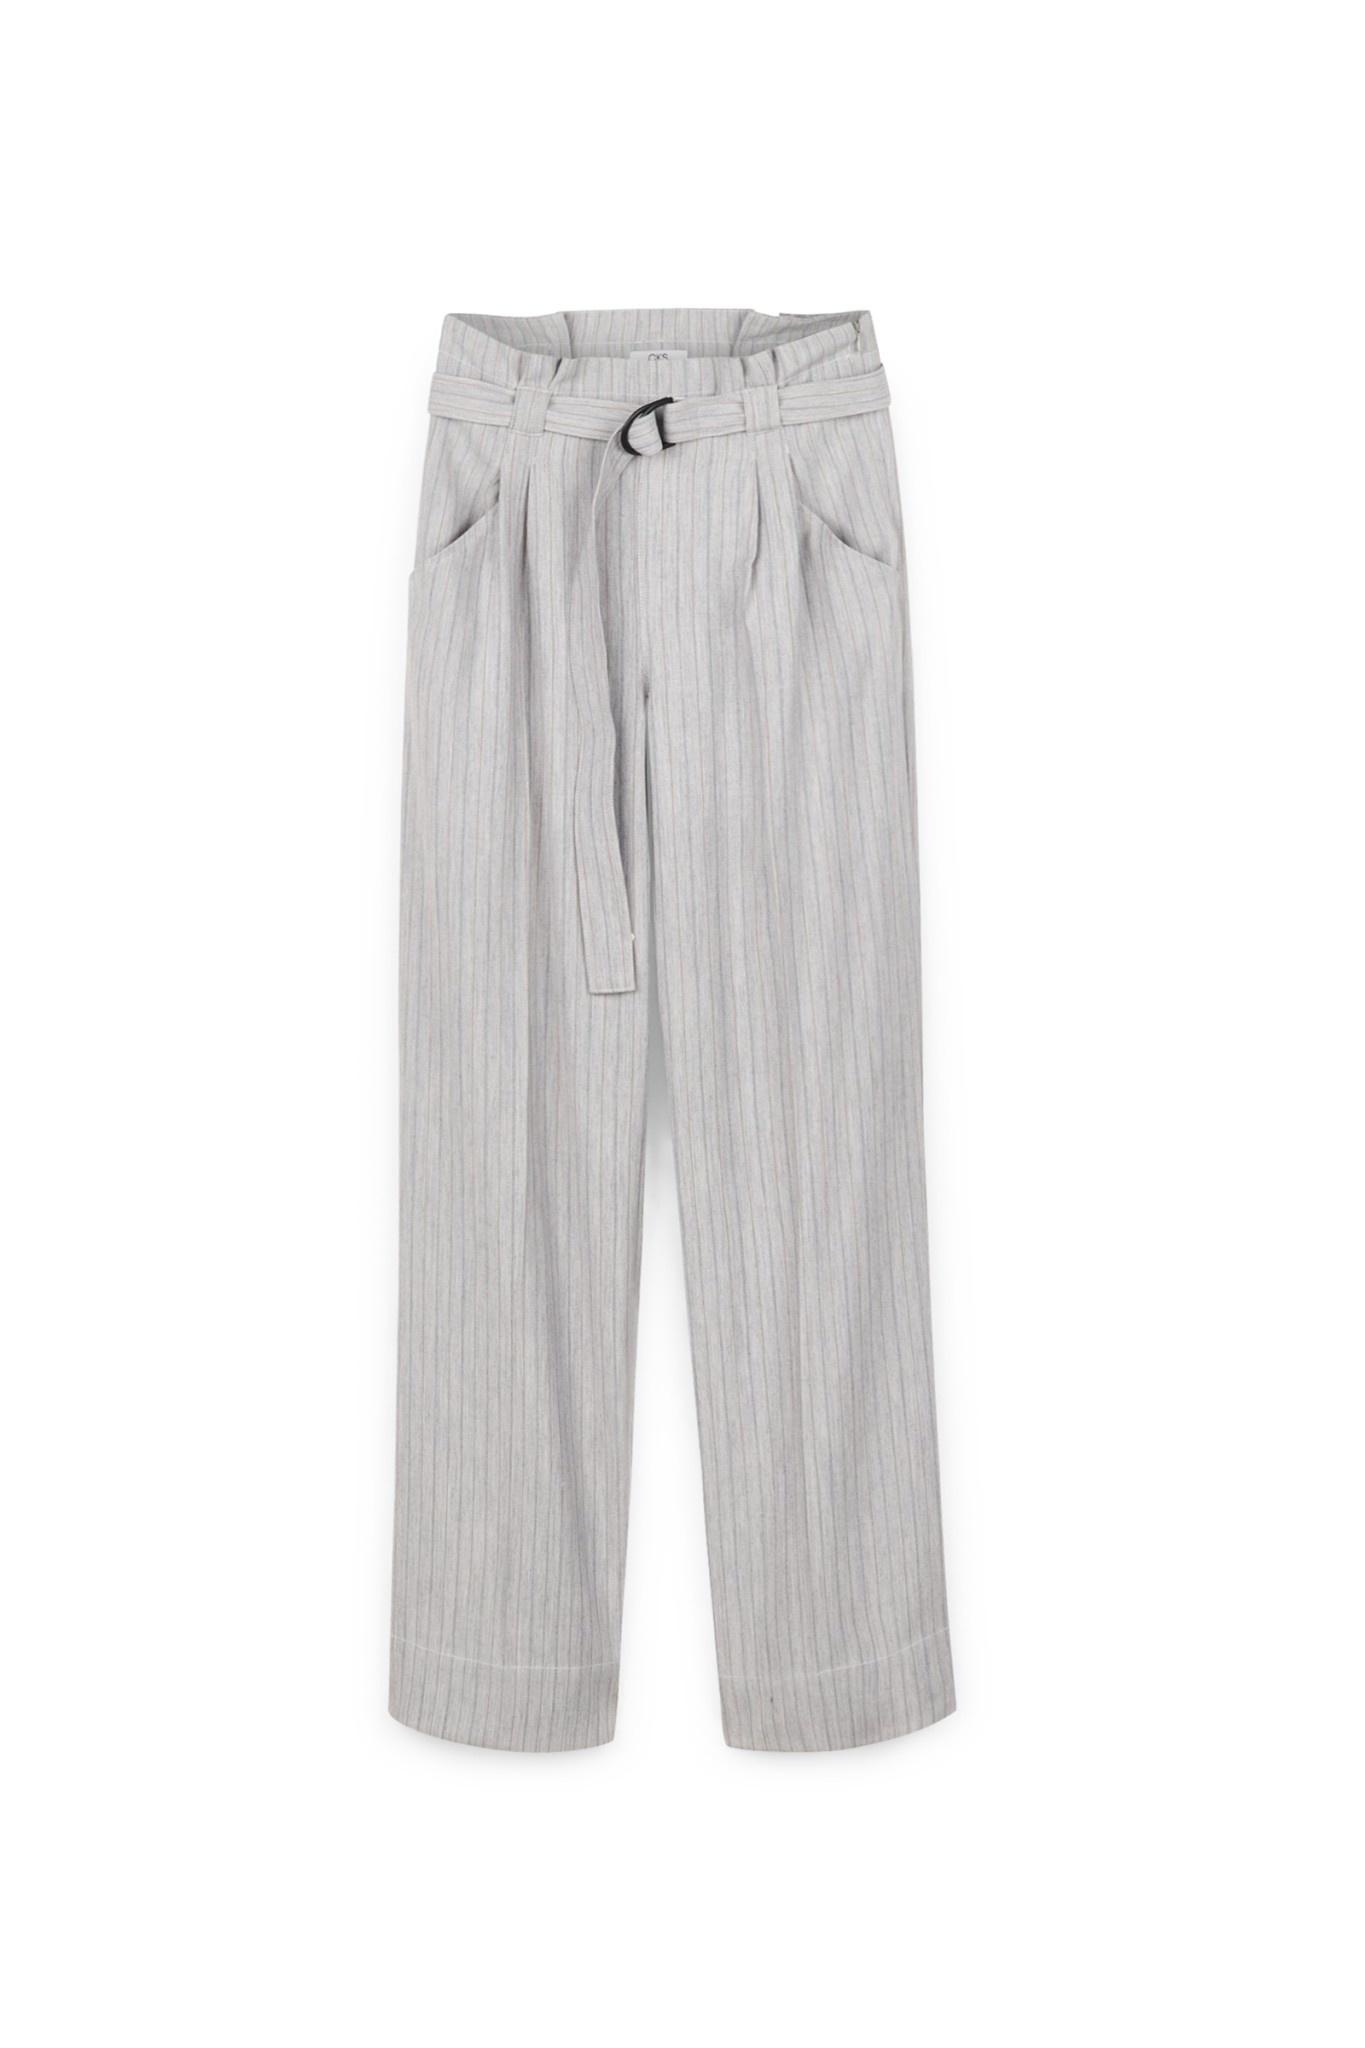 CKS Ulca pants